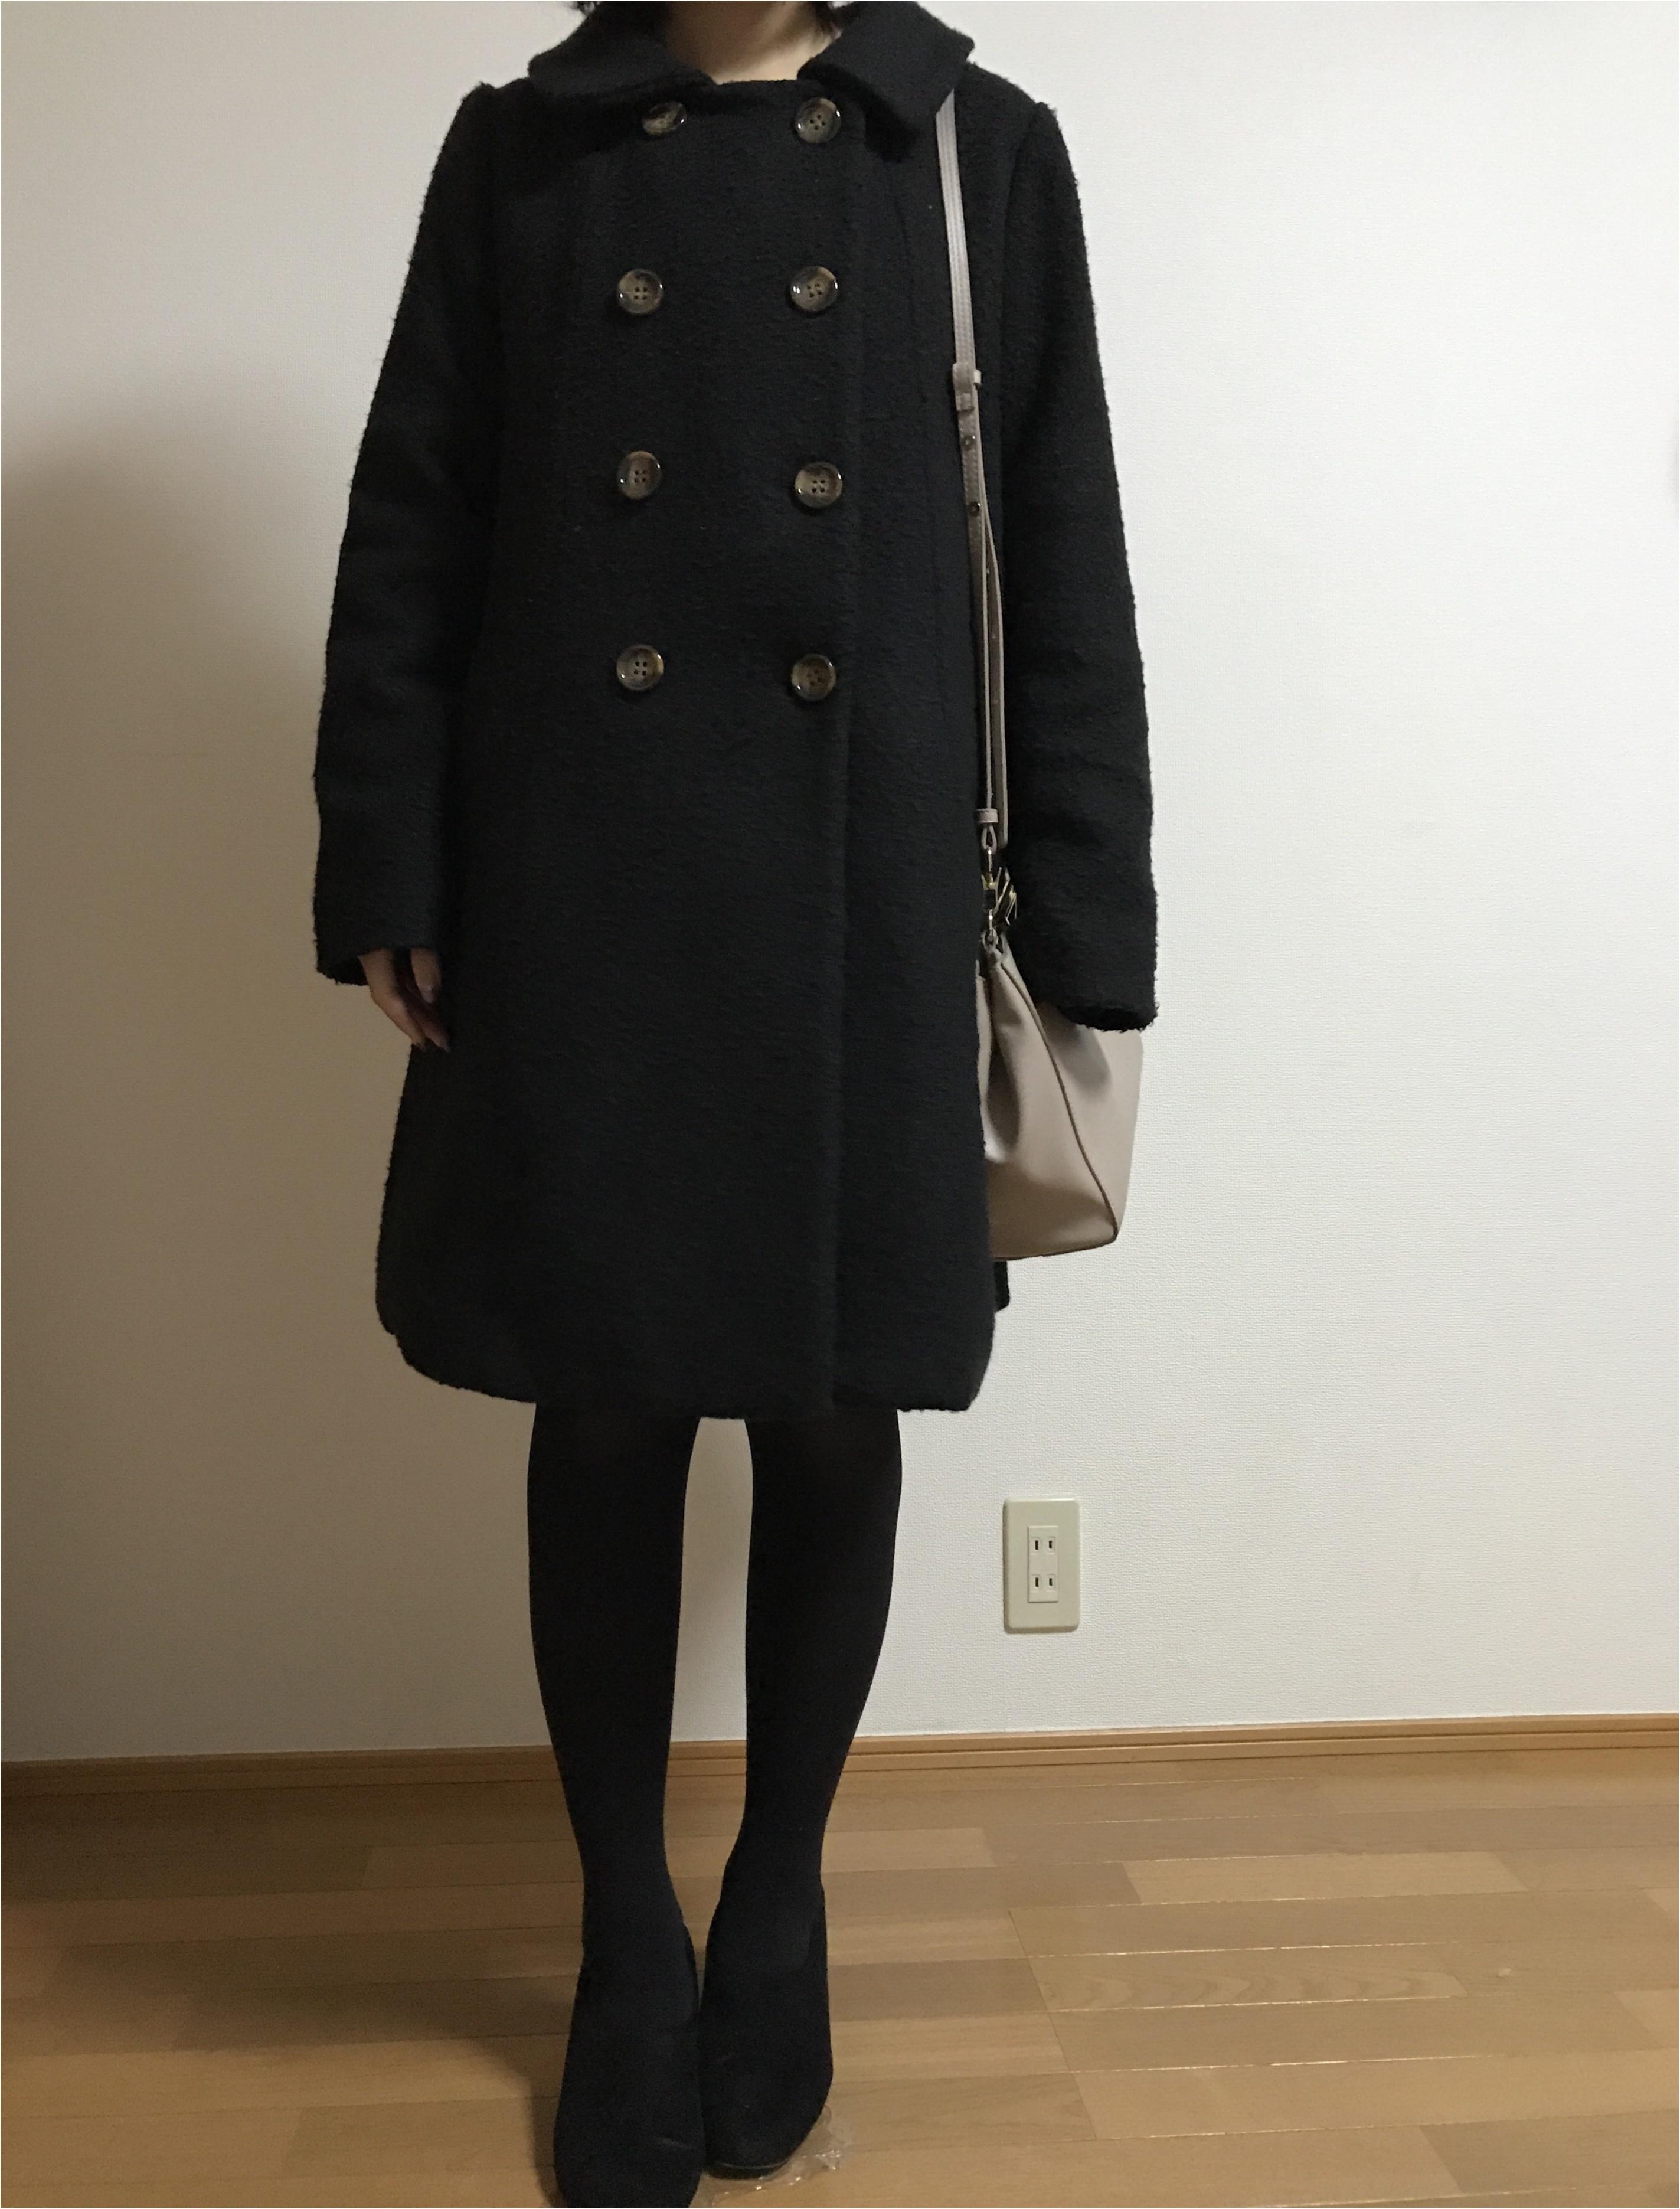 今年の冬はこのアウターで決まり★私は◯◯でアウターを購入しました♡♡_5